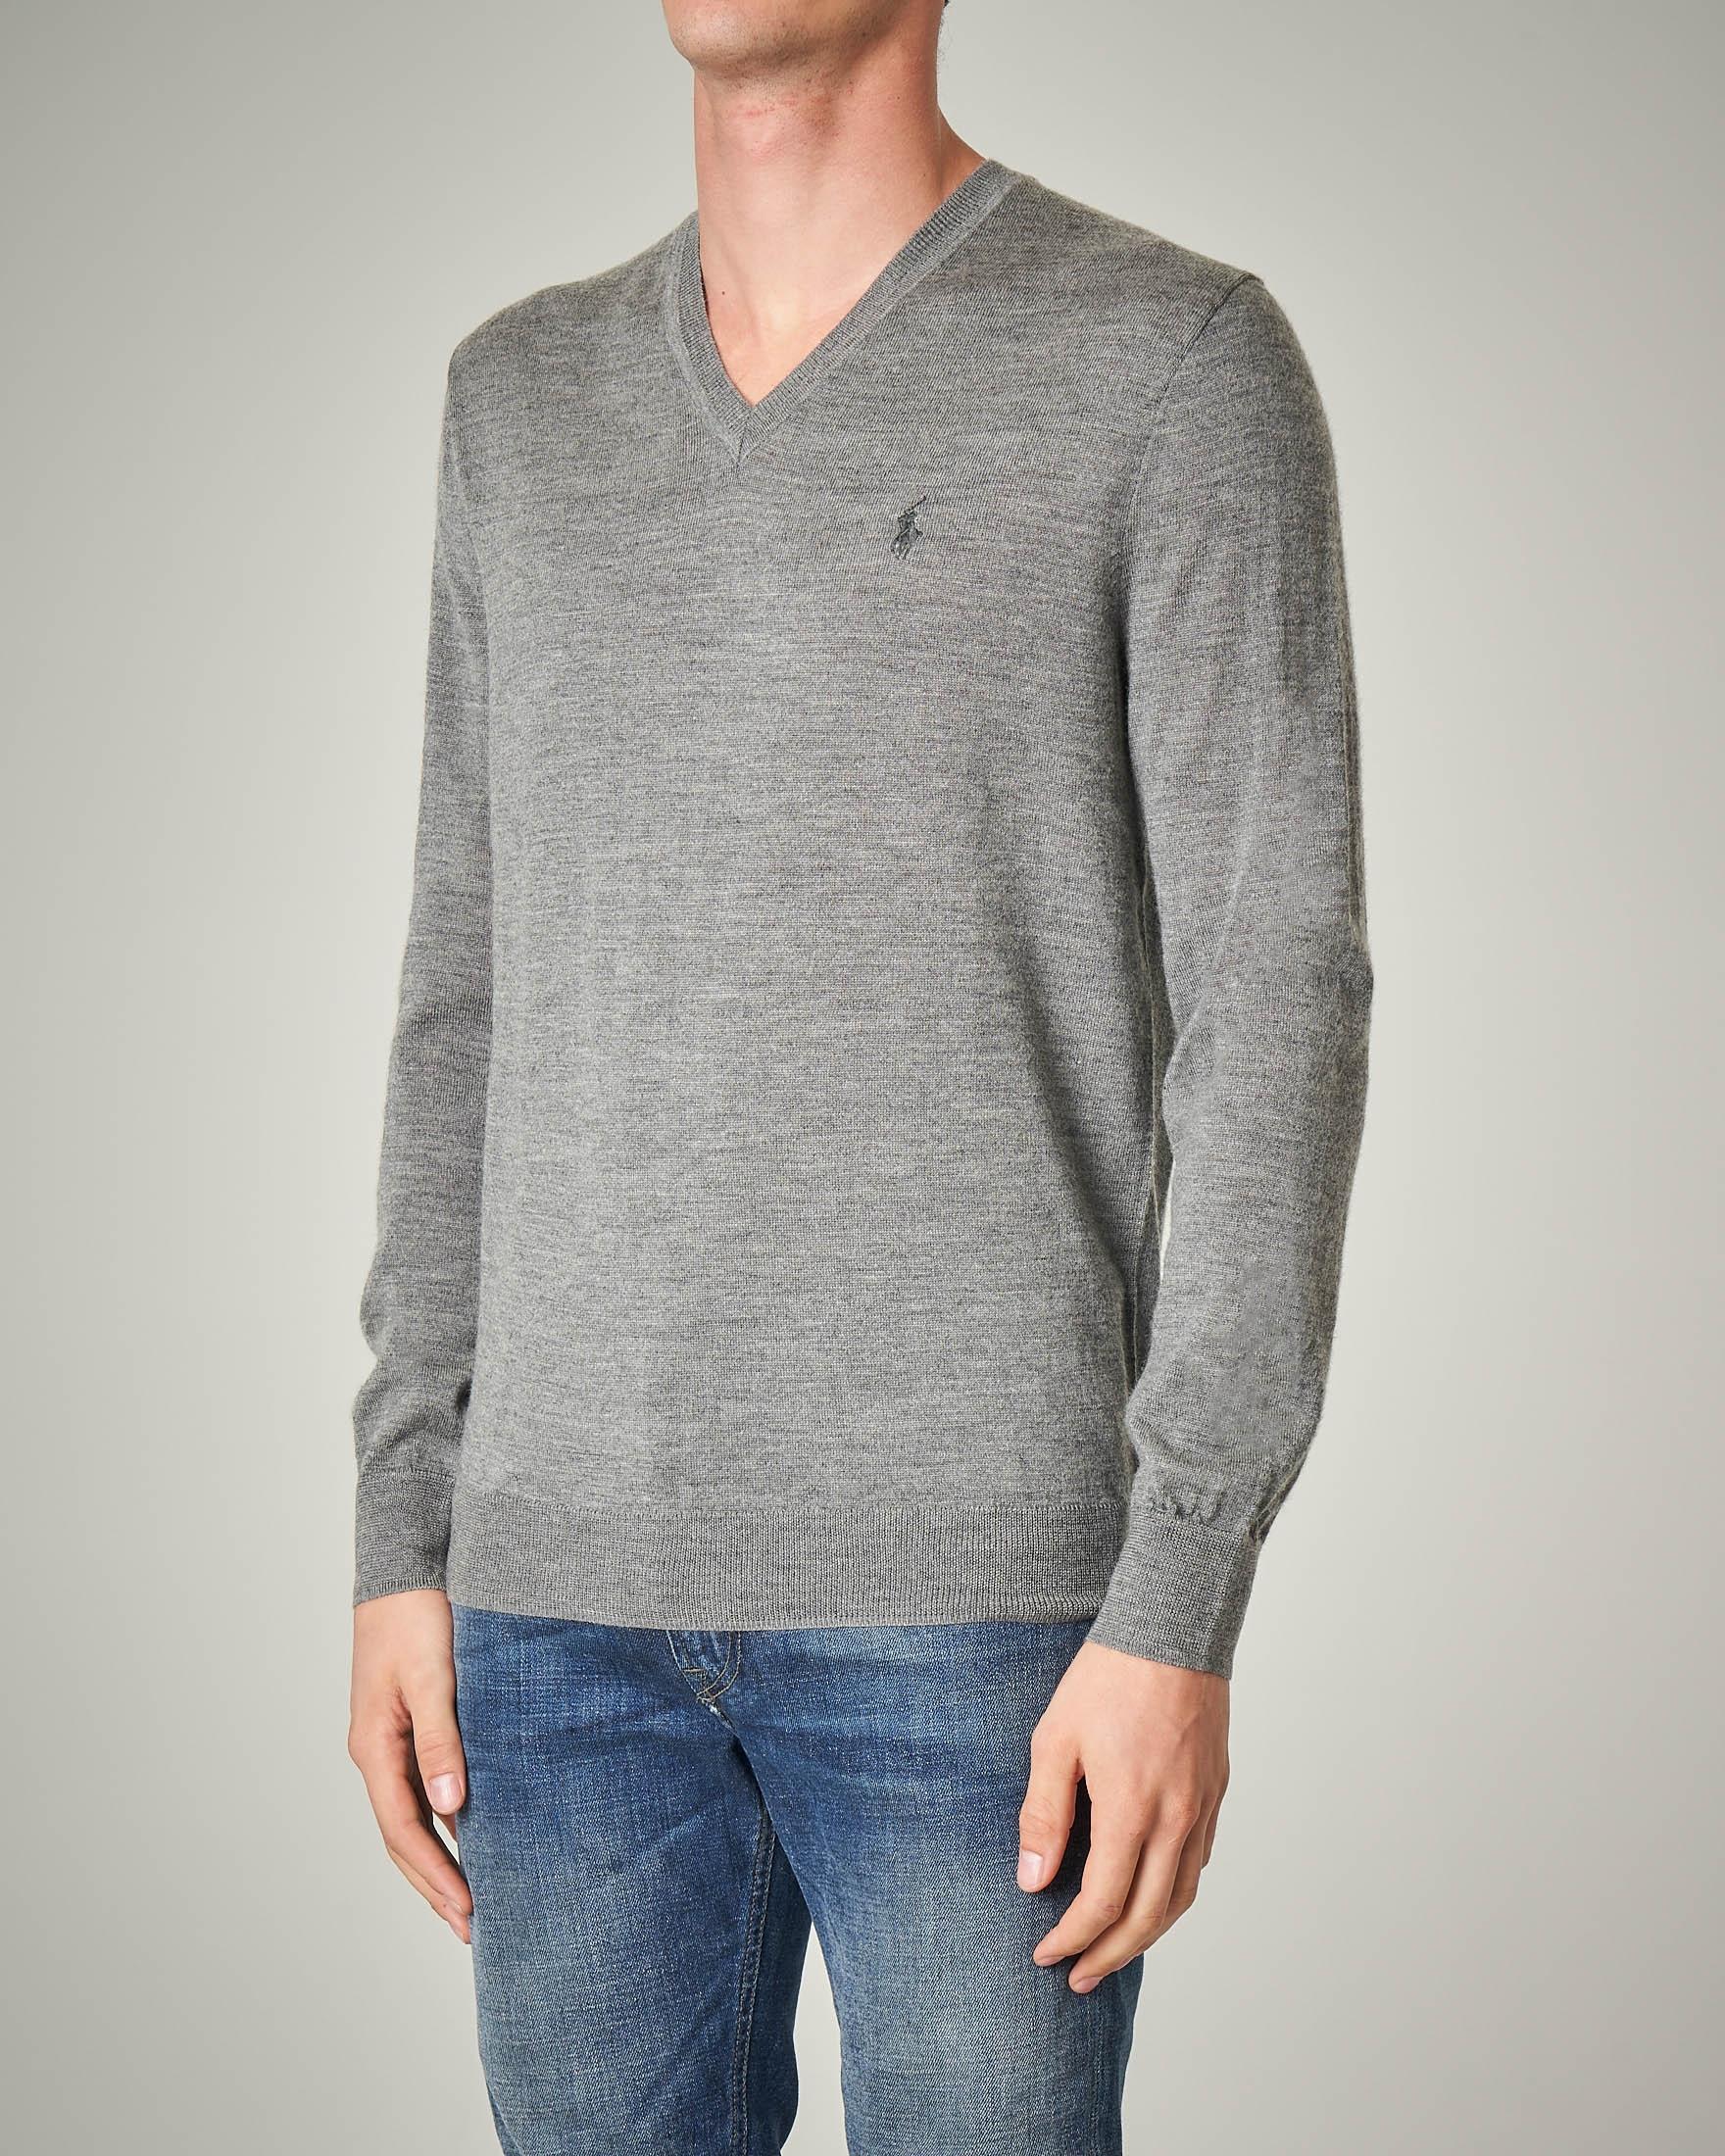 Maglia grigio melange scollo a V in lana merino